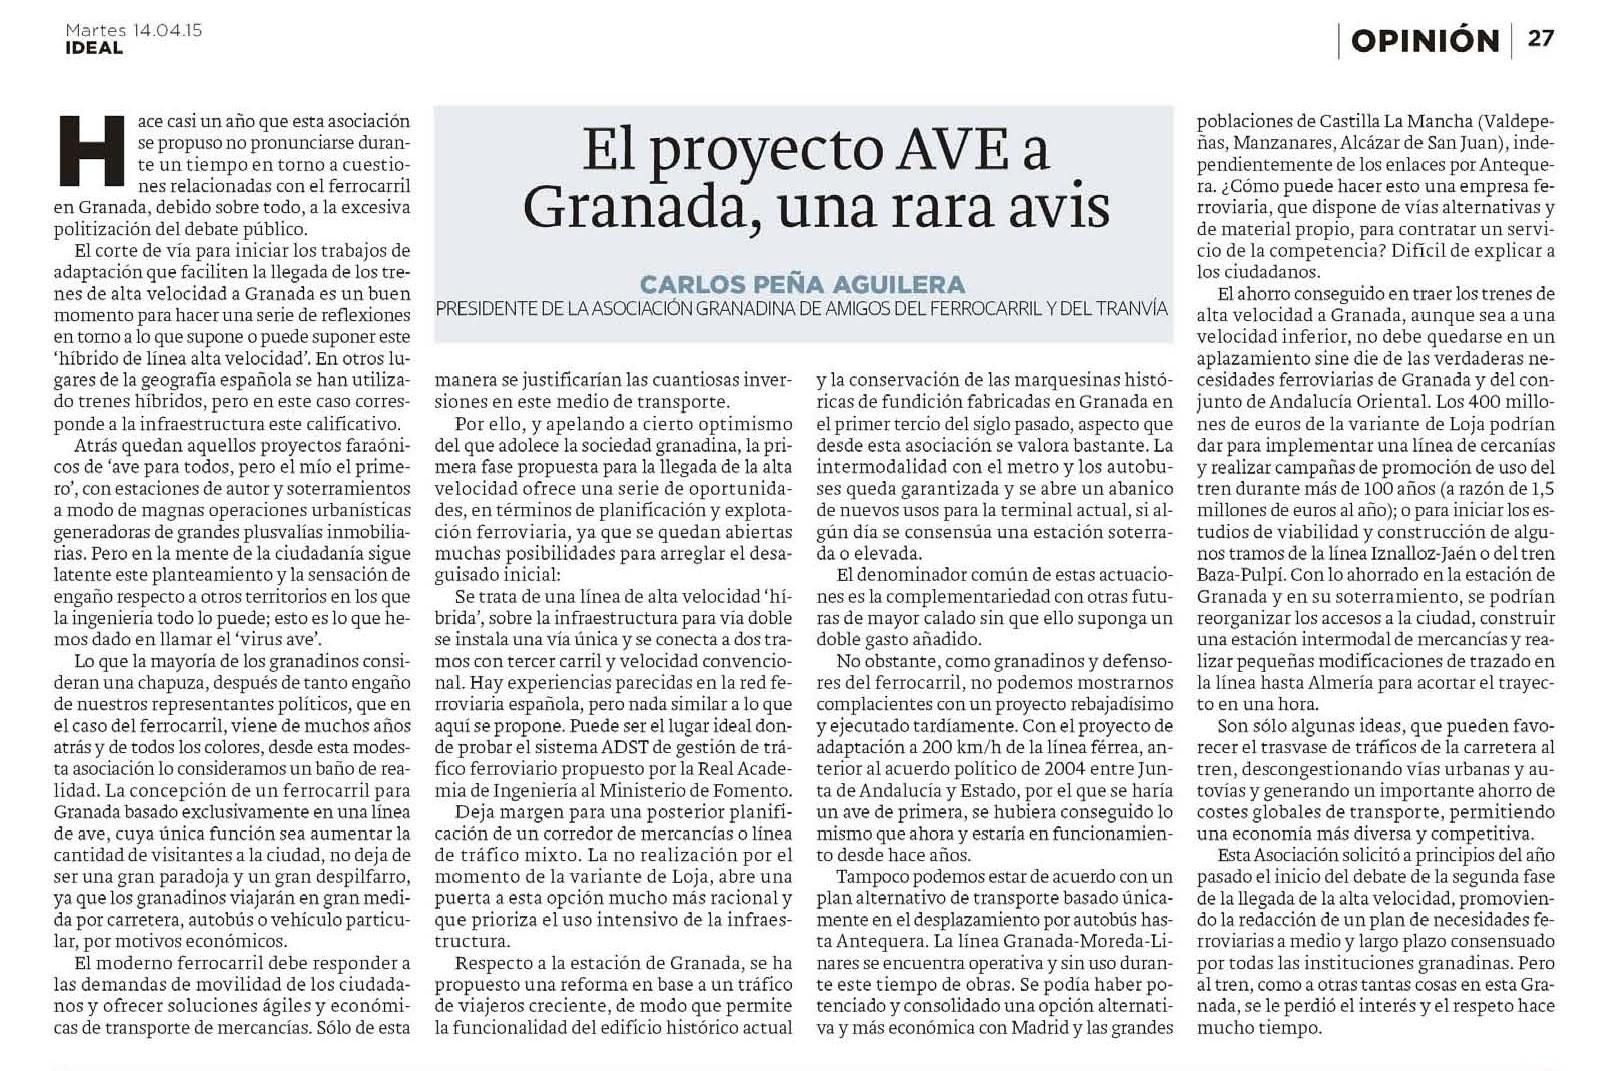 Diario Ideal 14-04-15